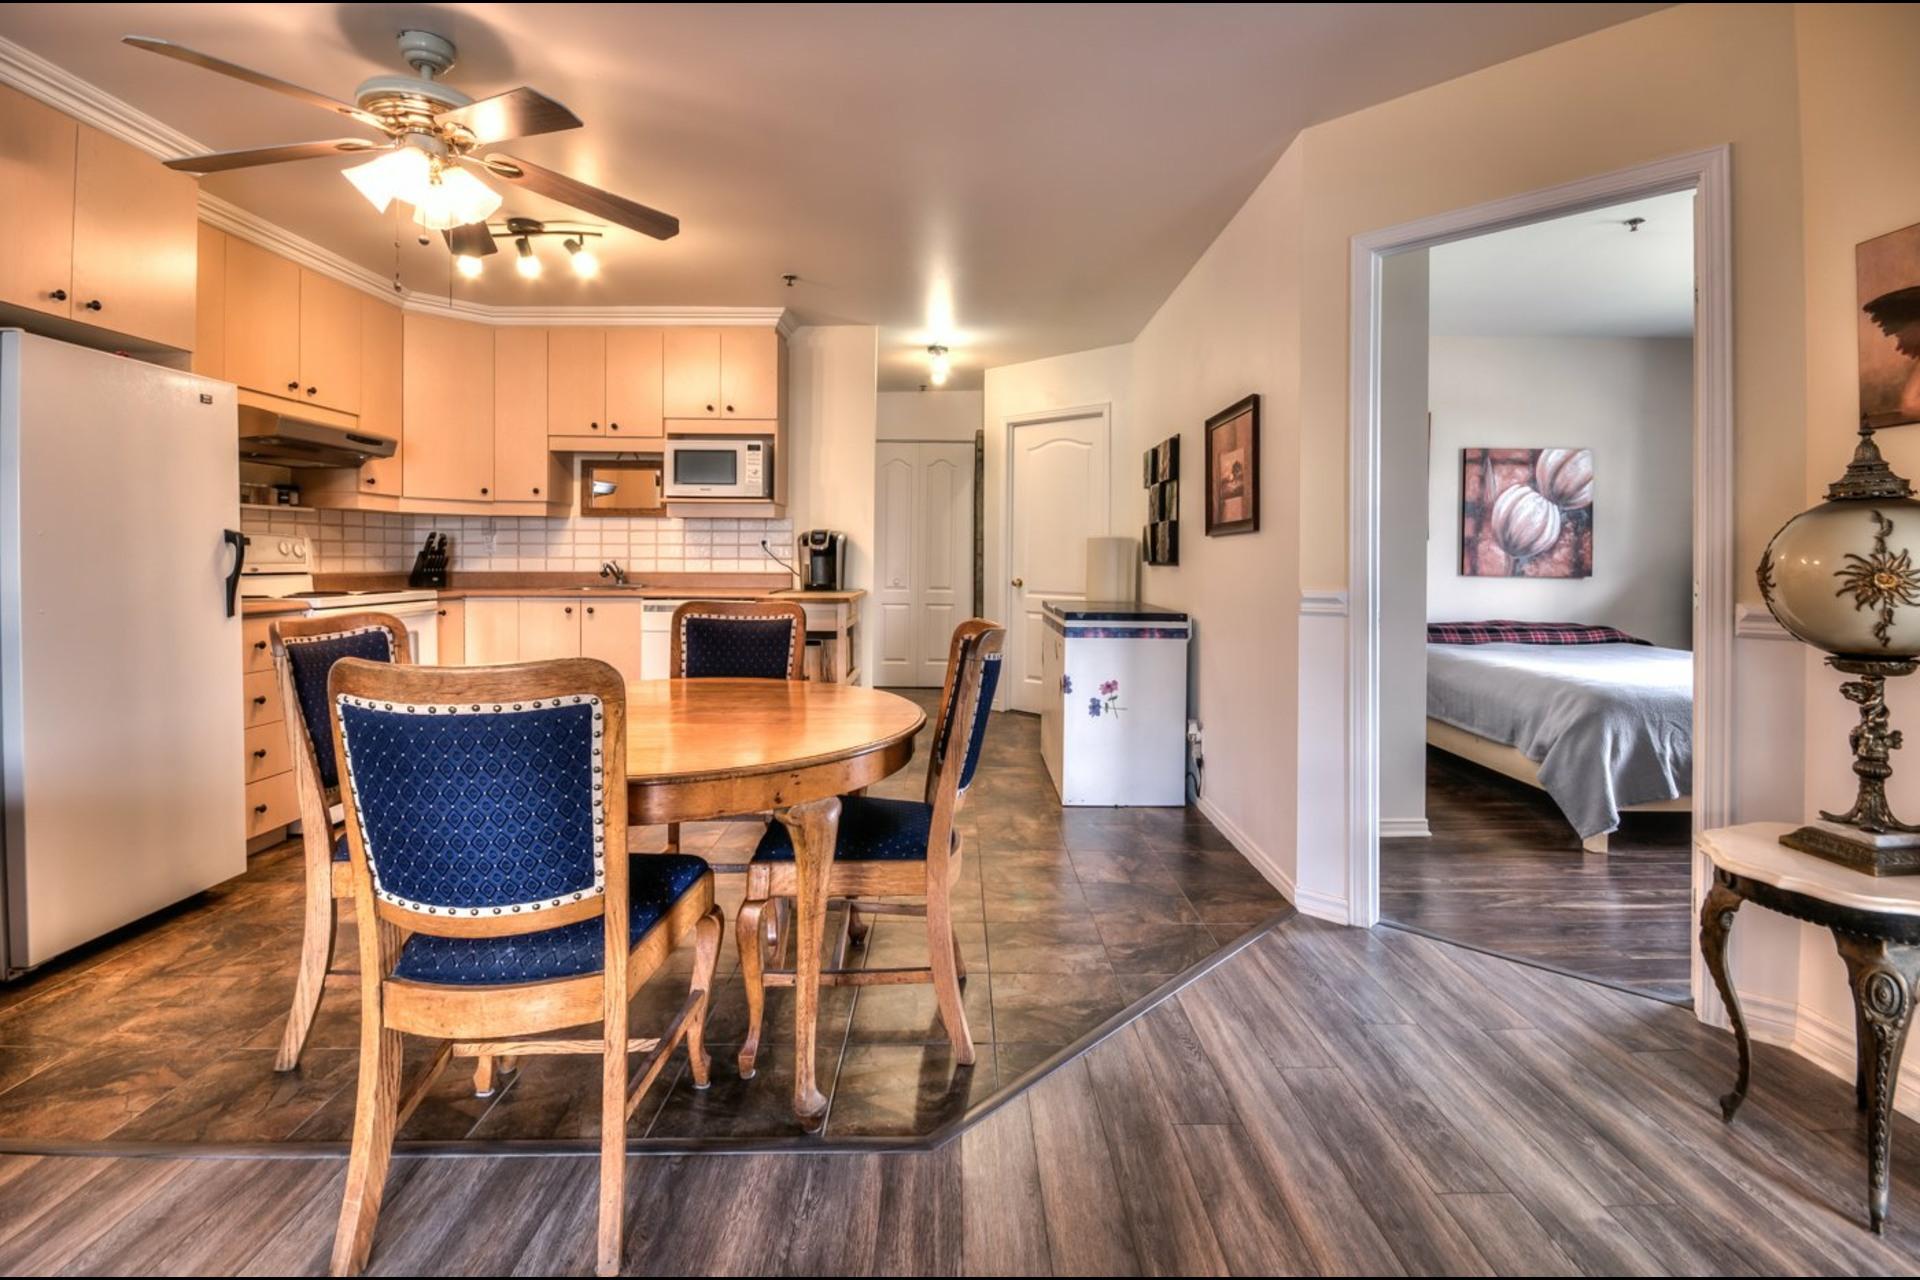 image 7 - Appartement À vendre Brossard - 5 pièces